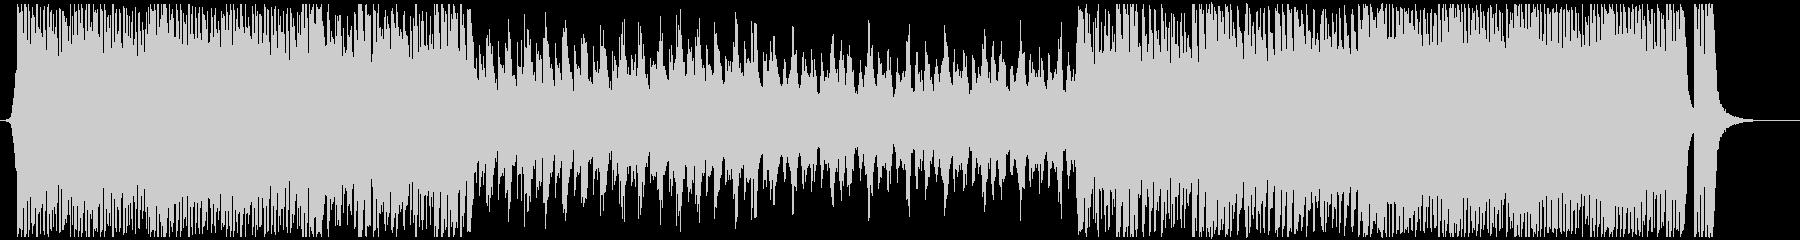 壮大なオーケストラ序曲-演出PVの未再生の波形